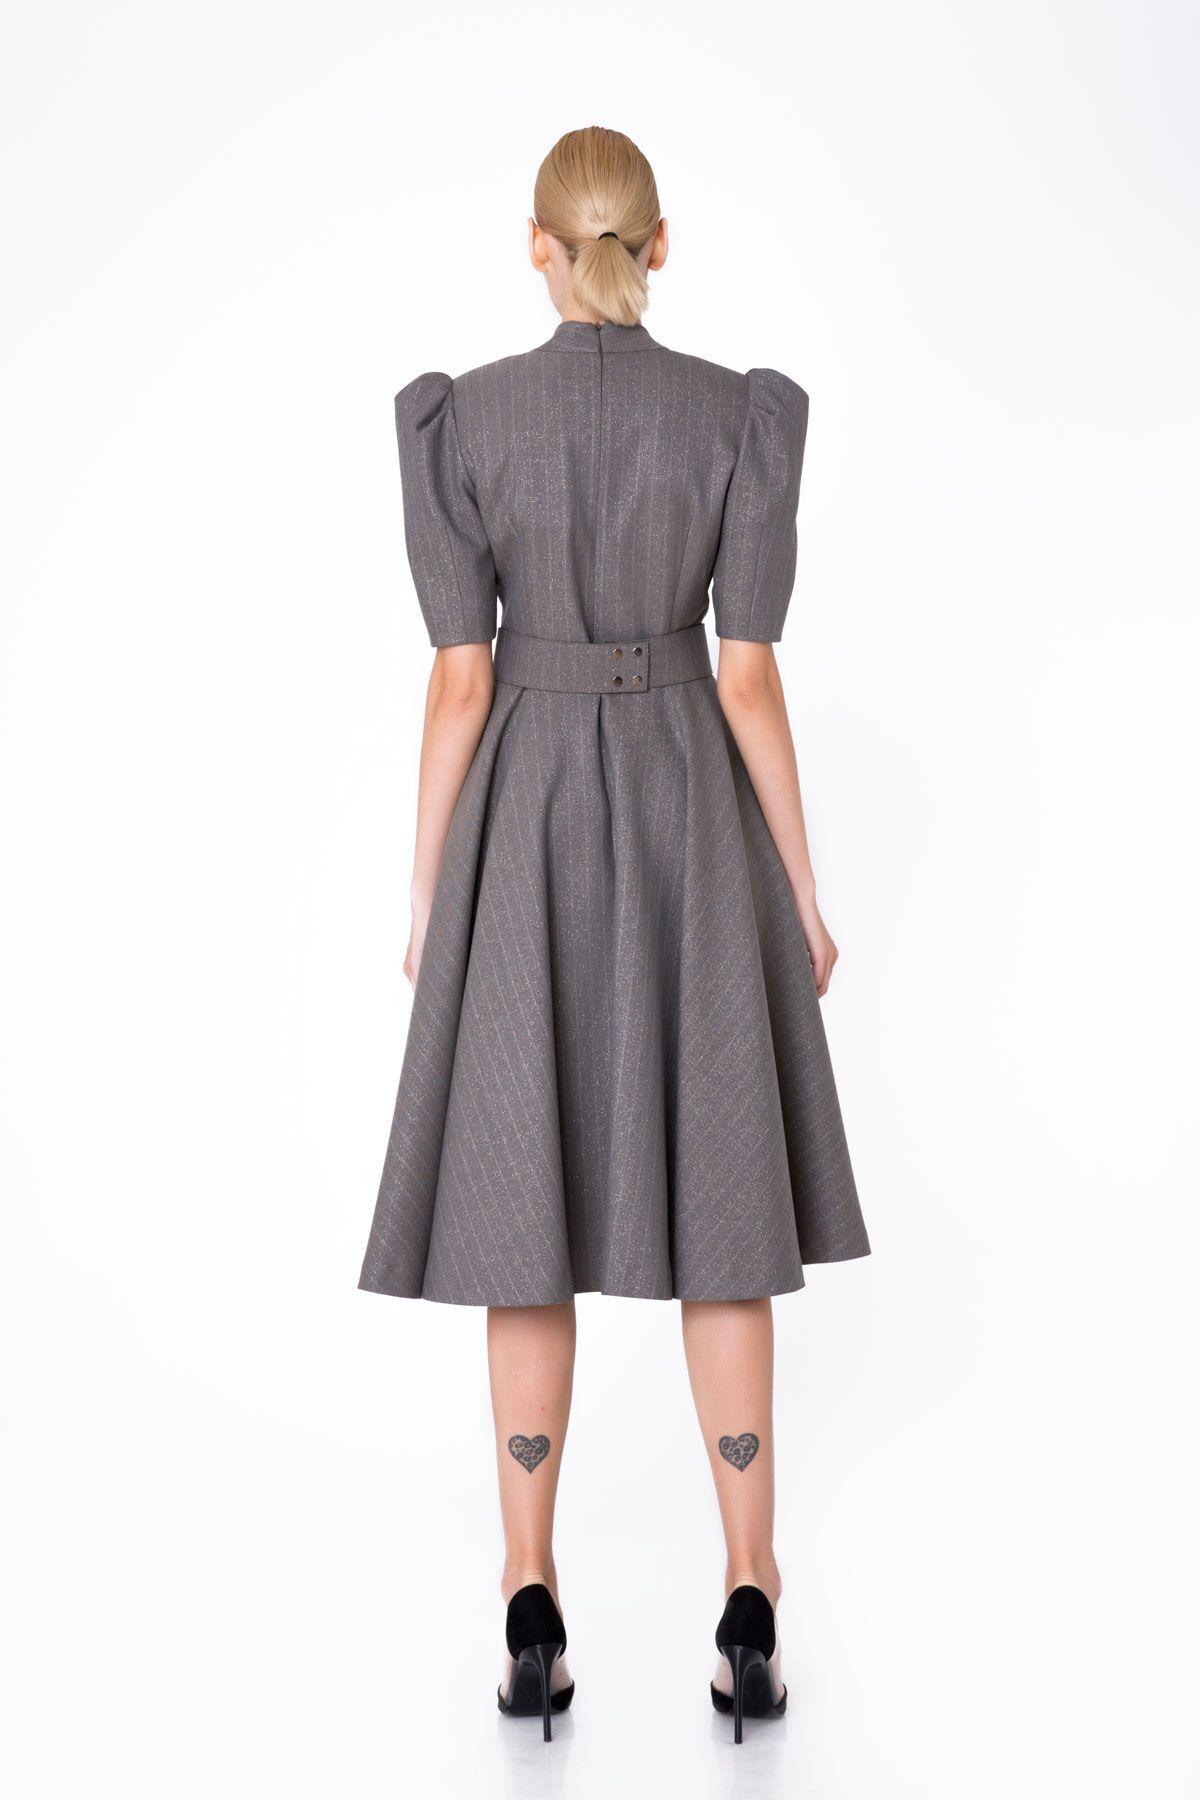 Taş İşleme Detaylı Kloş Etekli Midi Elbise